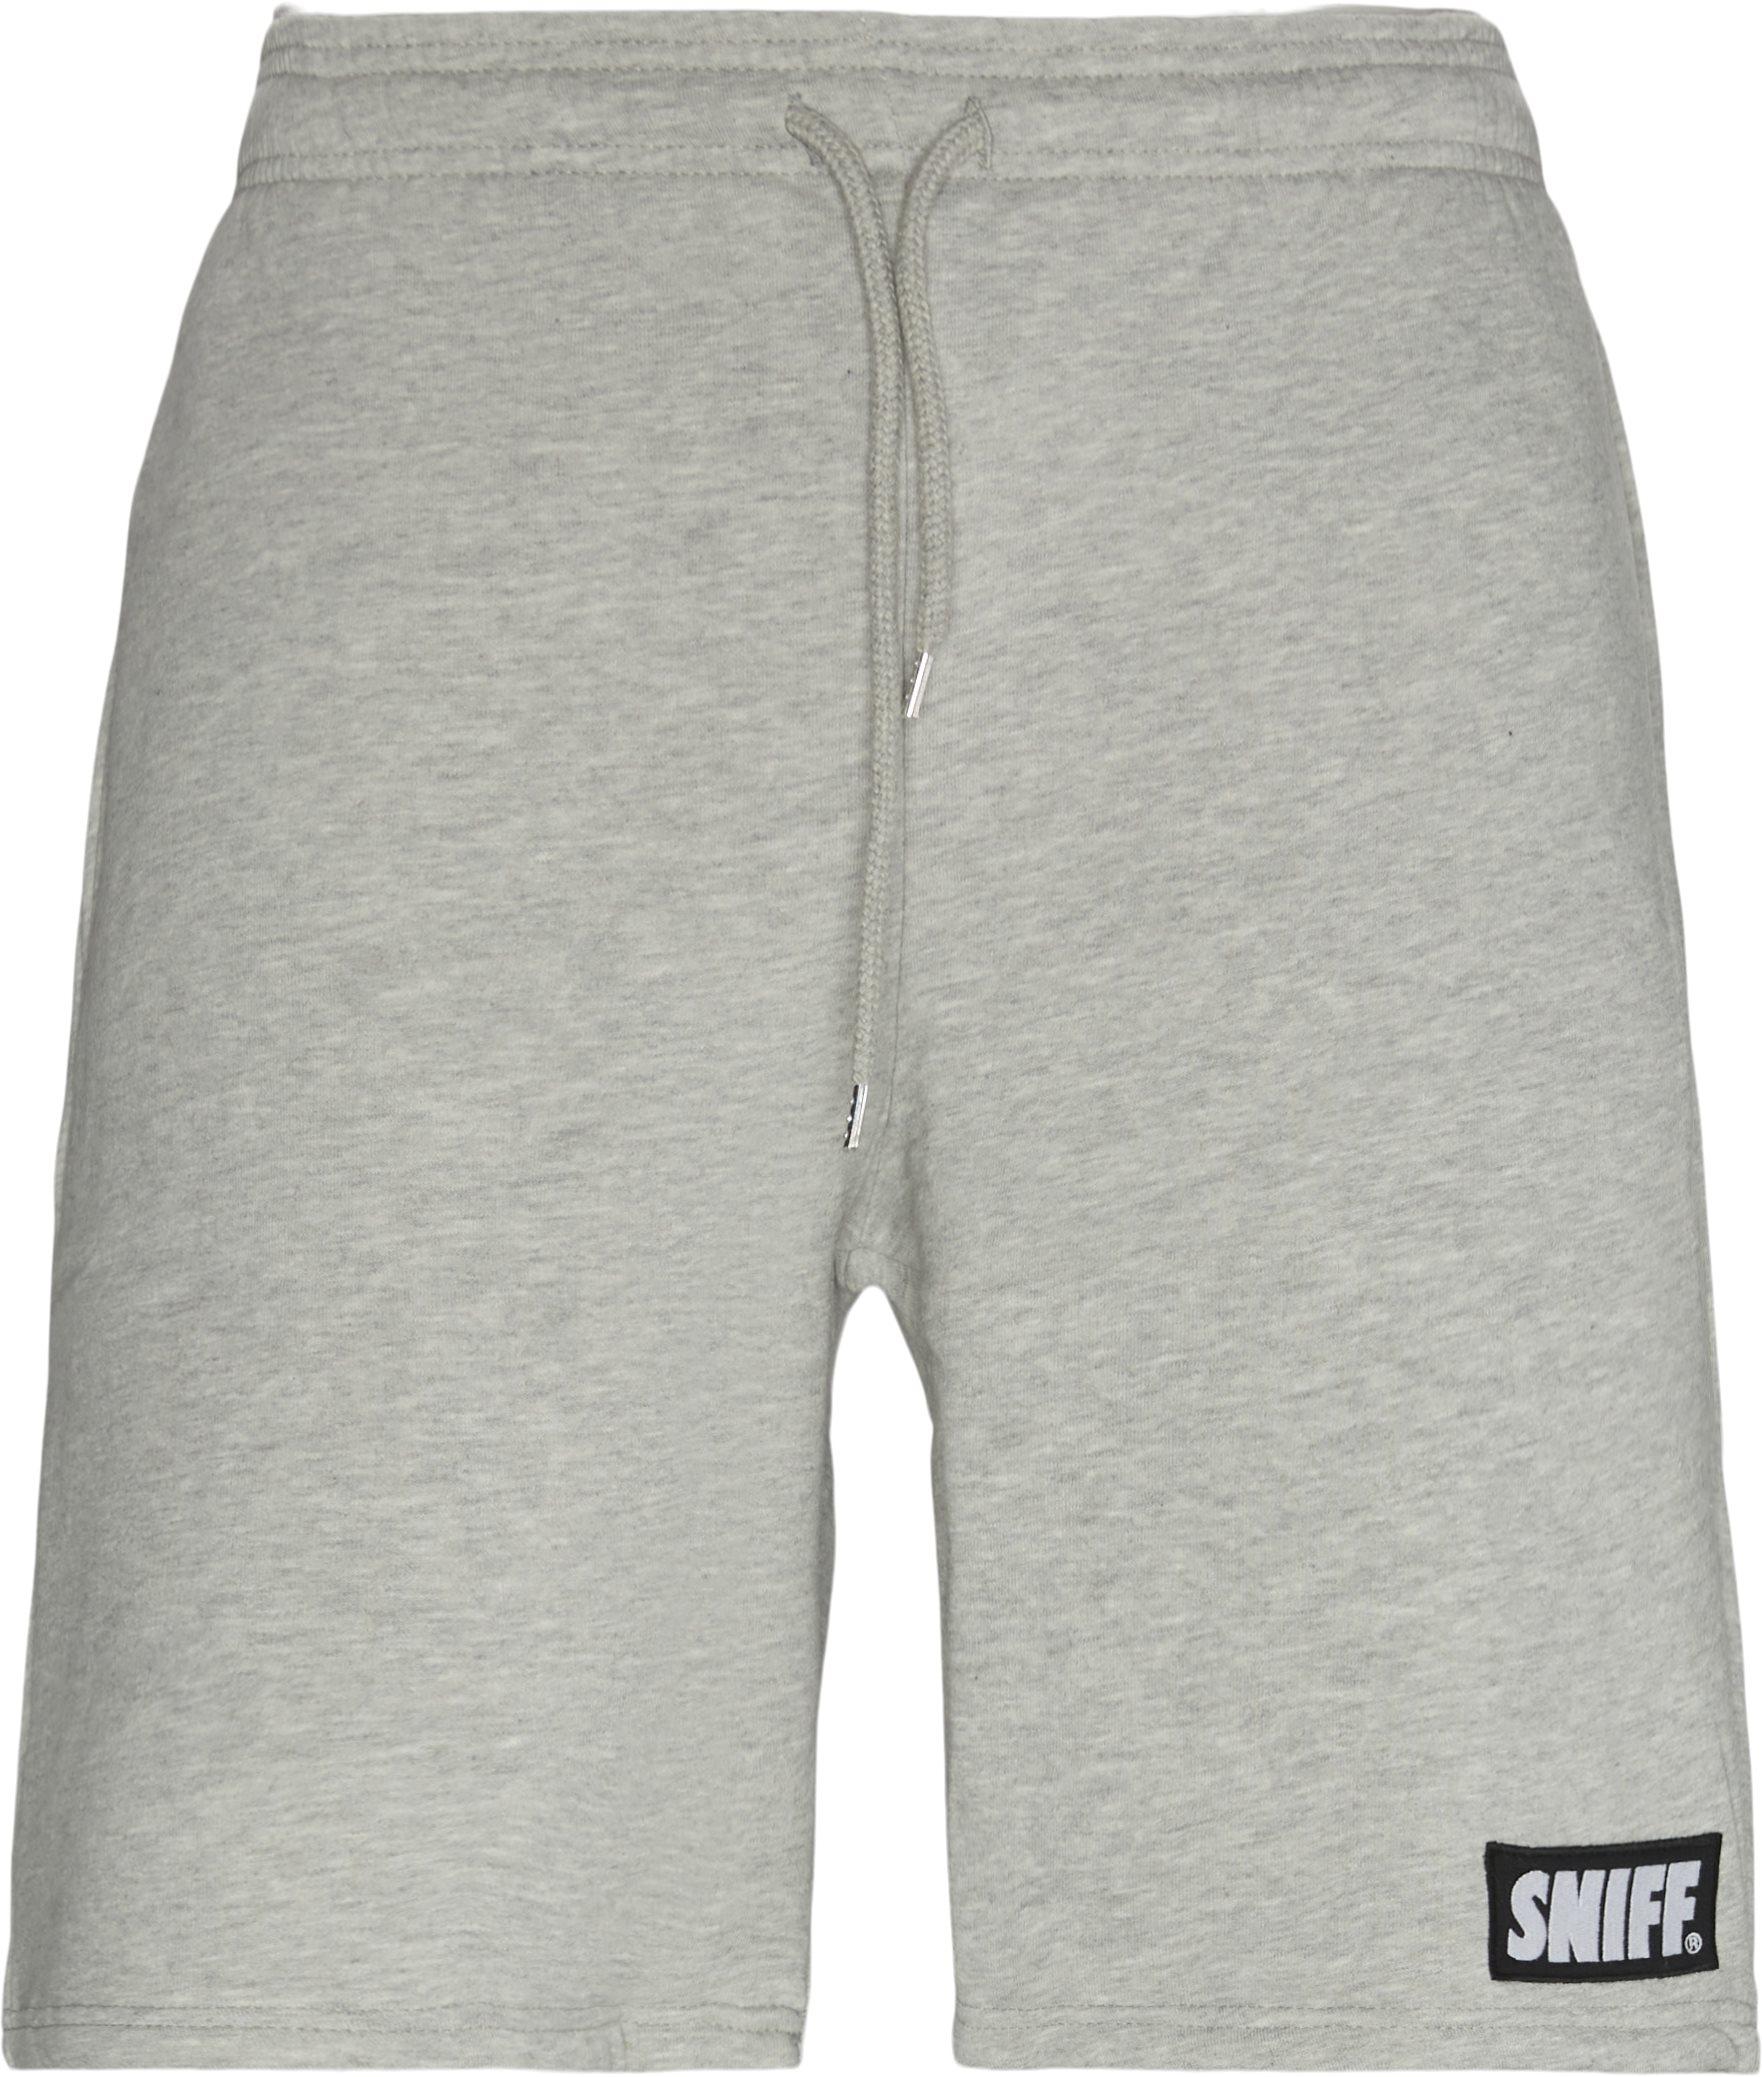 Shorts - Regular fit - Grå